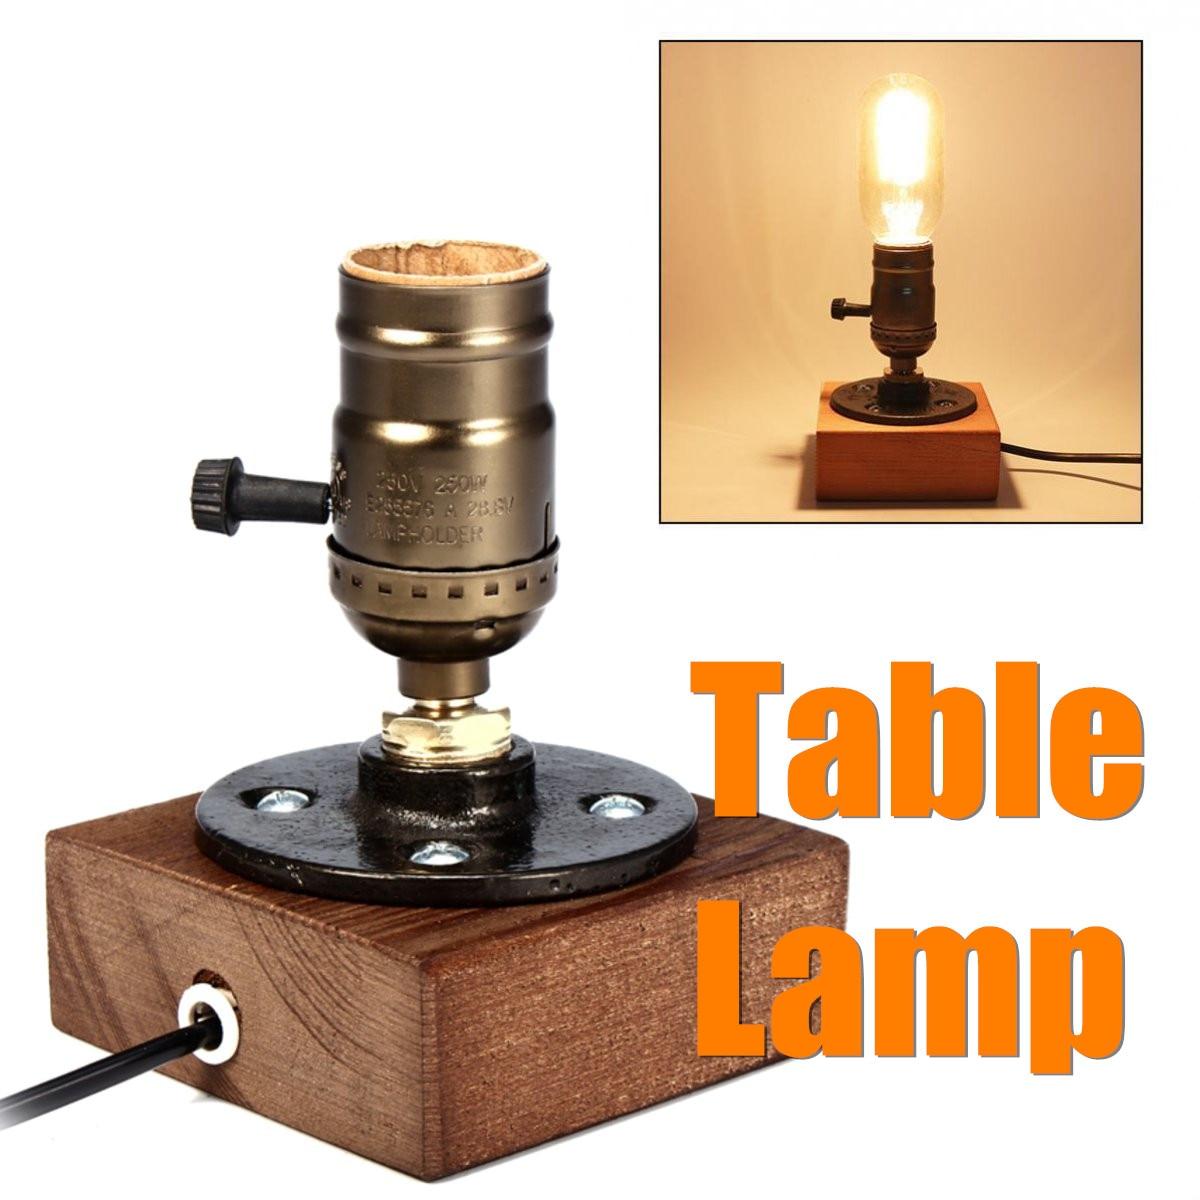 Madeira elétrica retro clássico lâmpada de mesa cabeceira noite lâmpada estudo barra café luz iluminação interior suprimentos e27